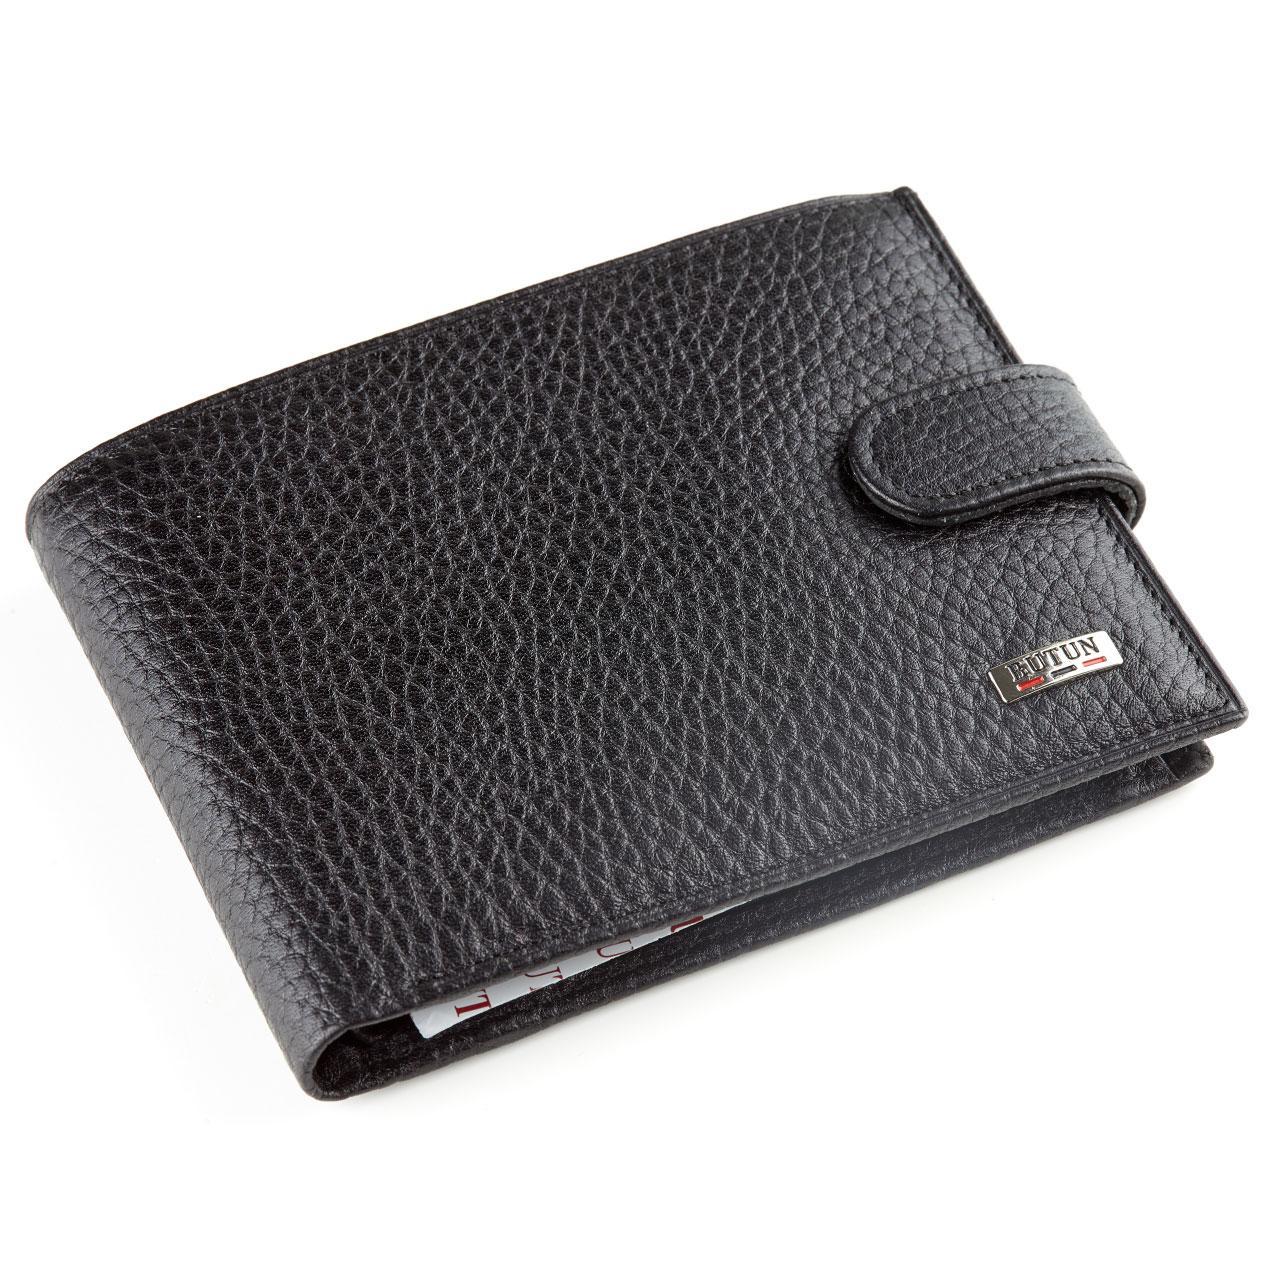 Мужской кошелек Butun 208-004-001 кожаный черный